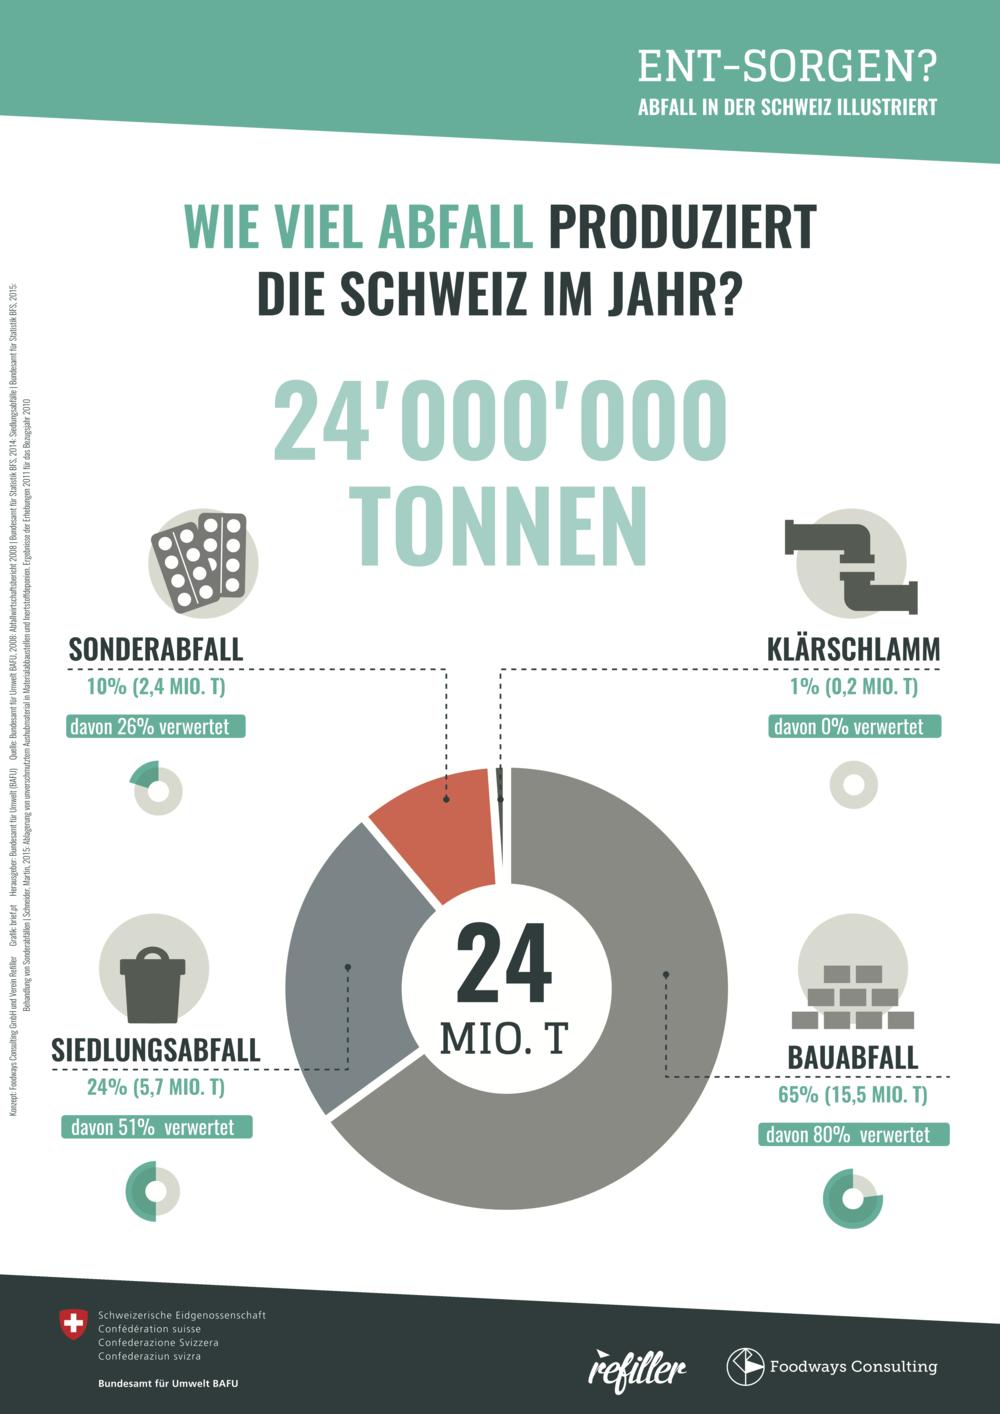 Wie viel Abfall produziert die Schweiz